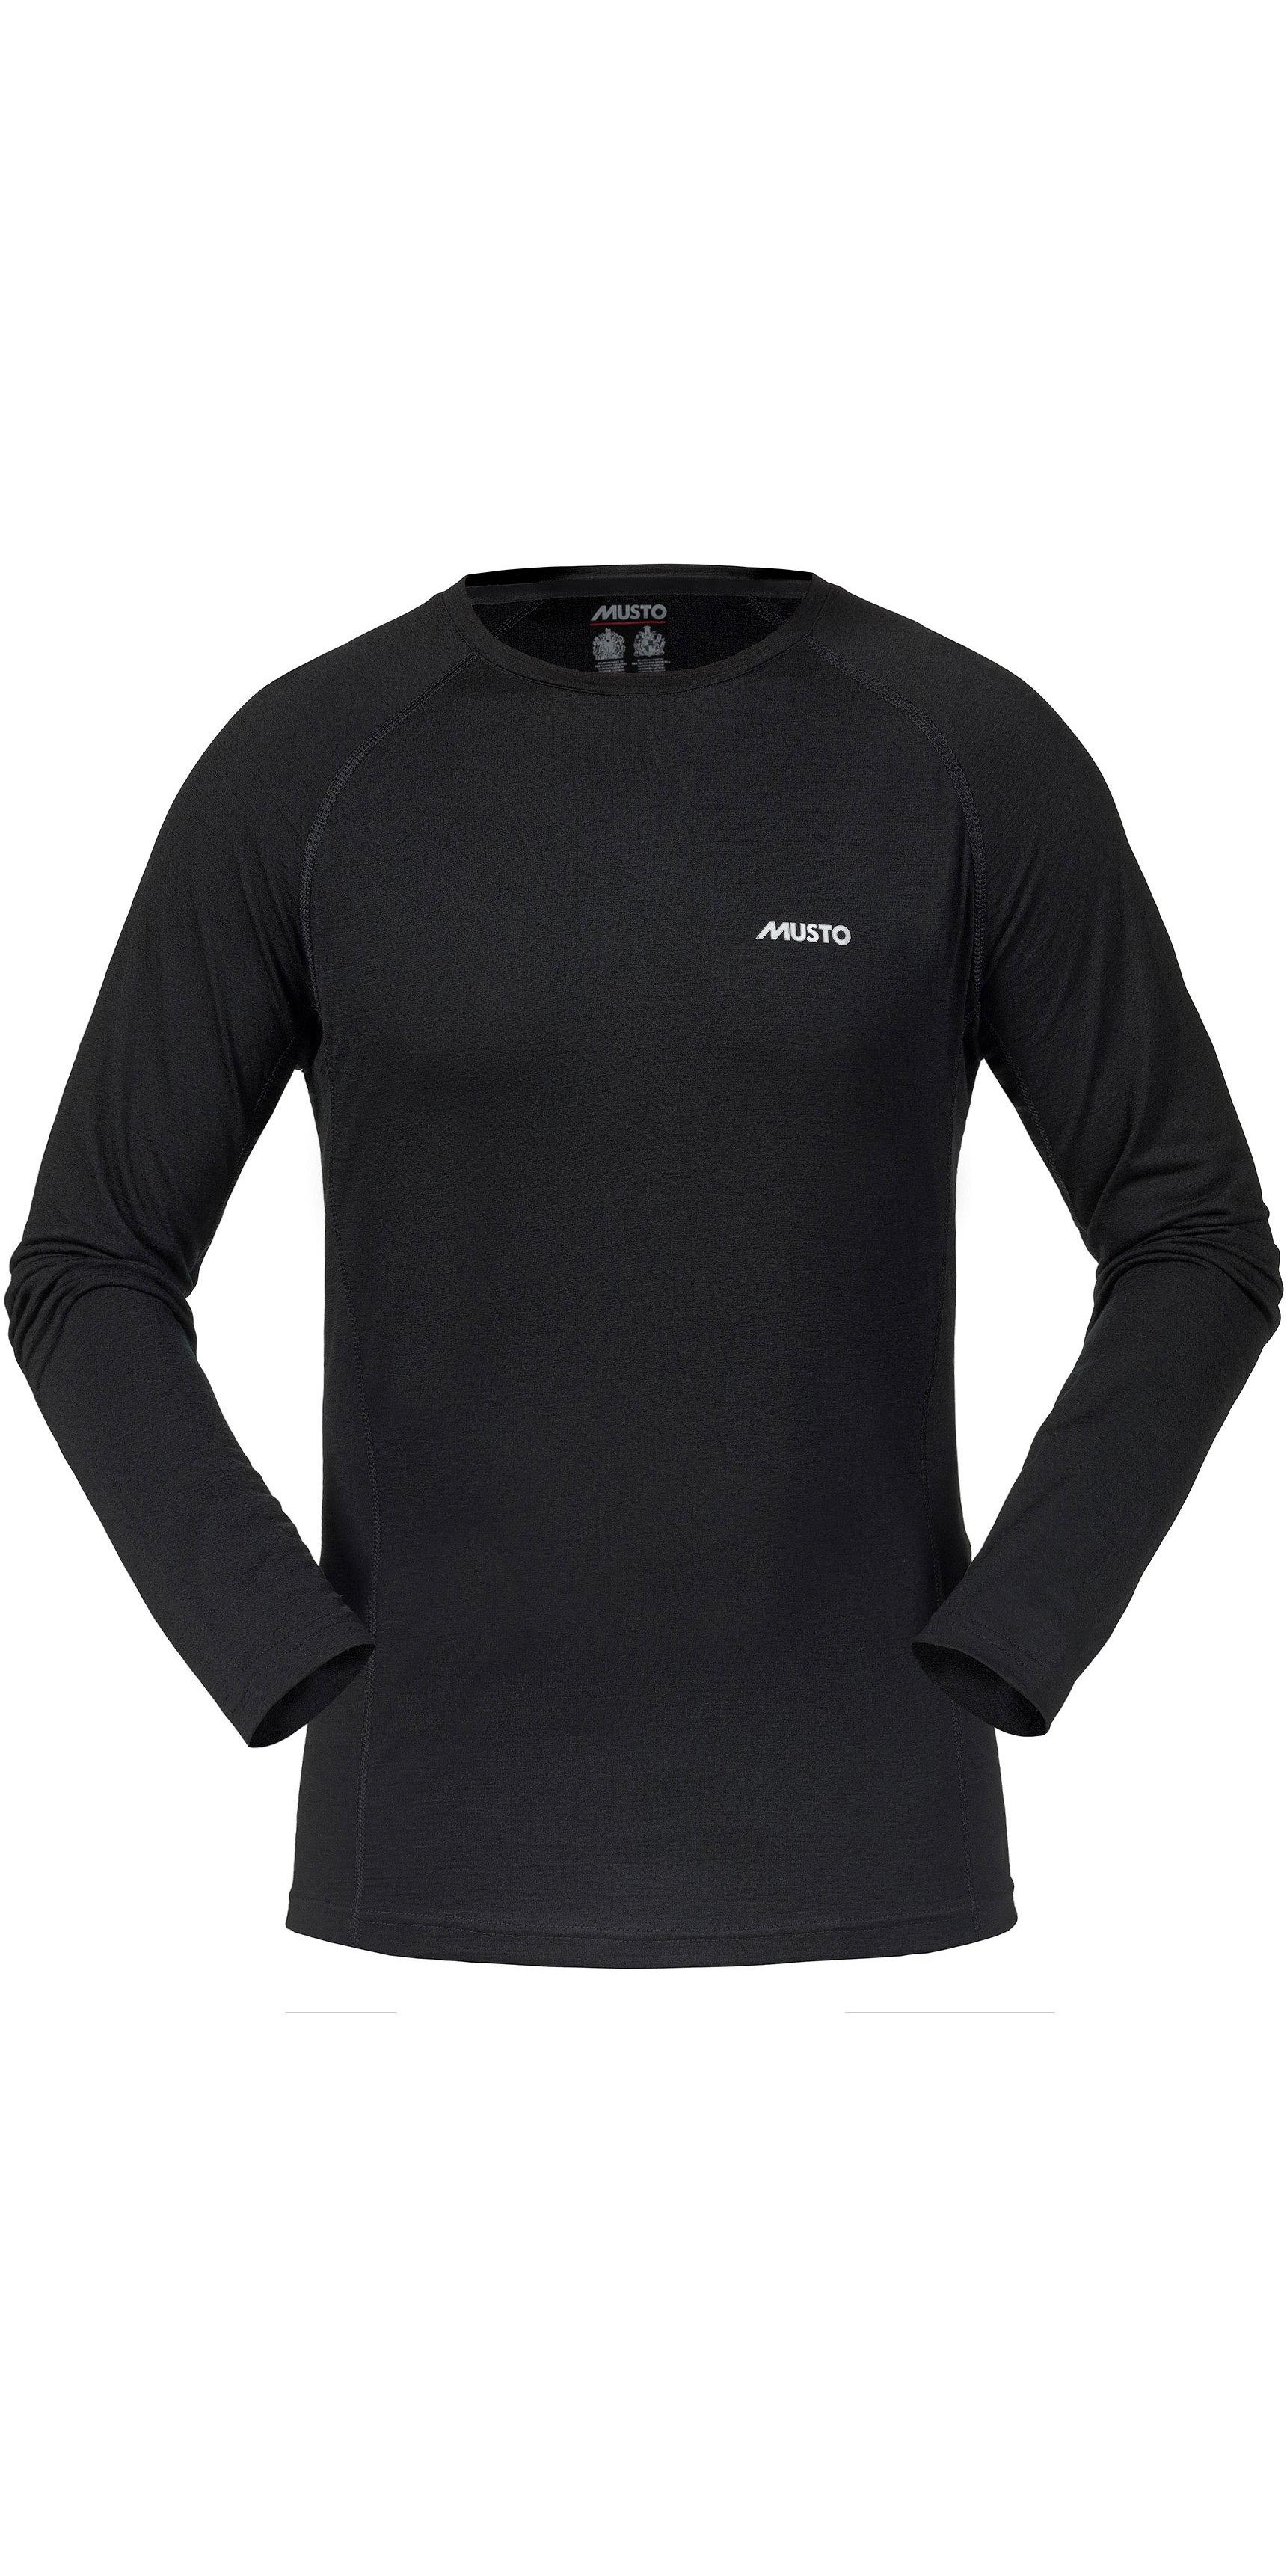 2020 Musto Merino Base Lag Langærmet T shirt Sort Smth027